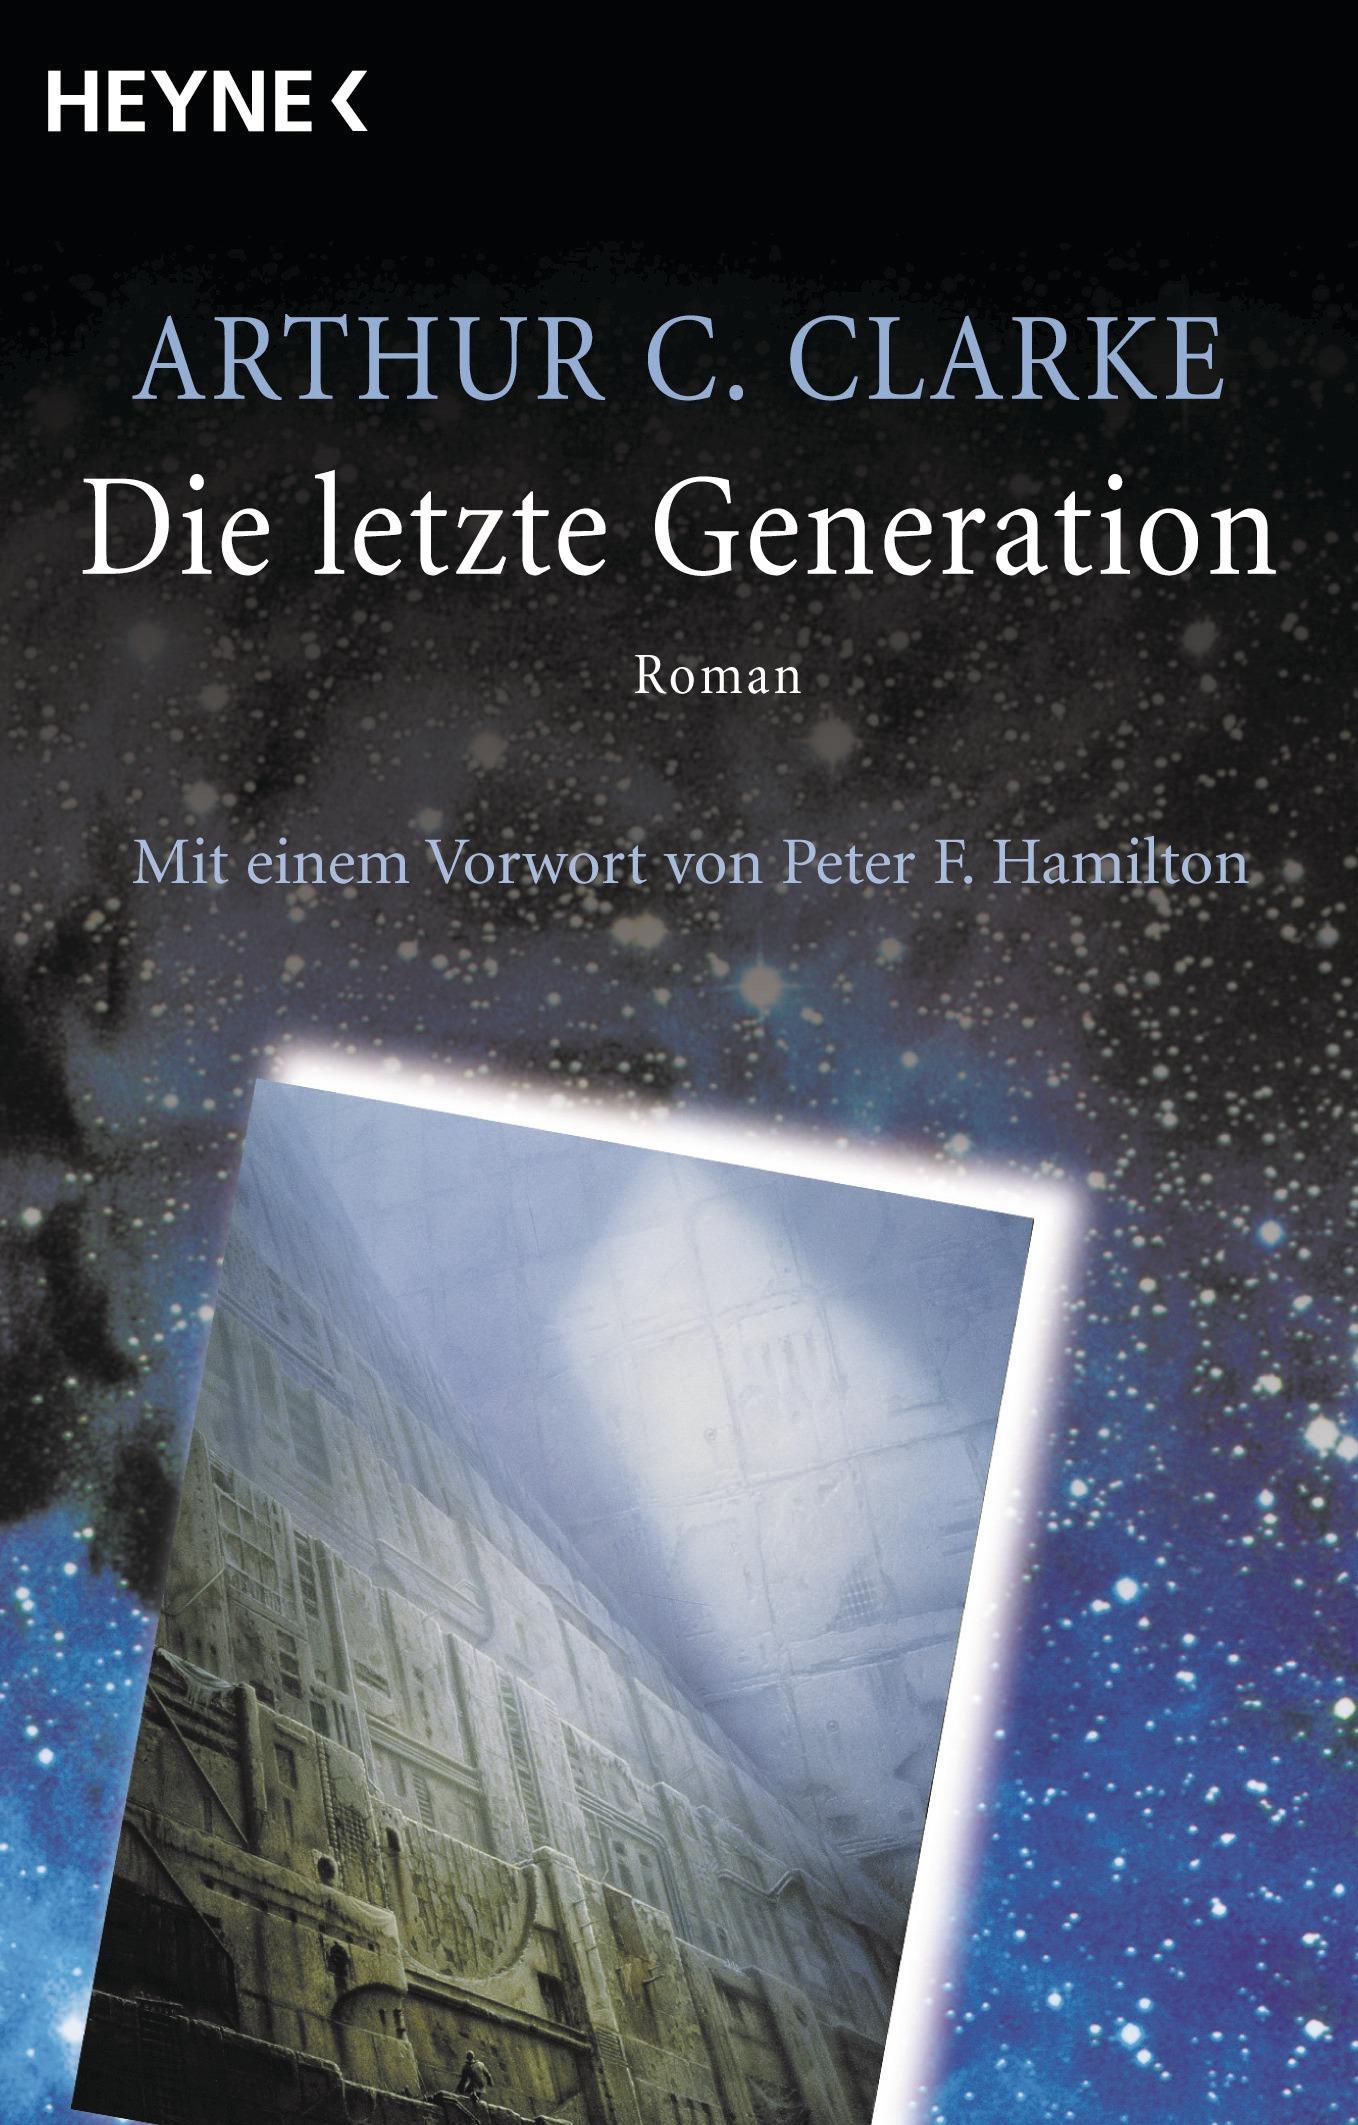 Die letzte Generation - Arthur C. Clarke